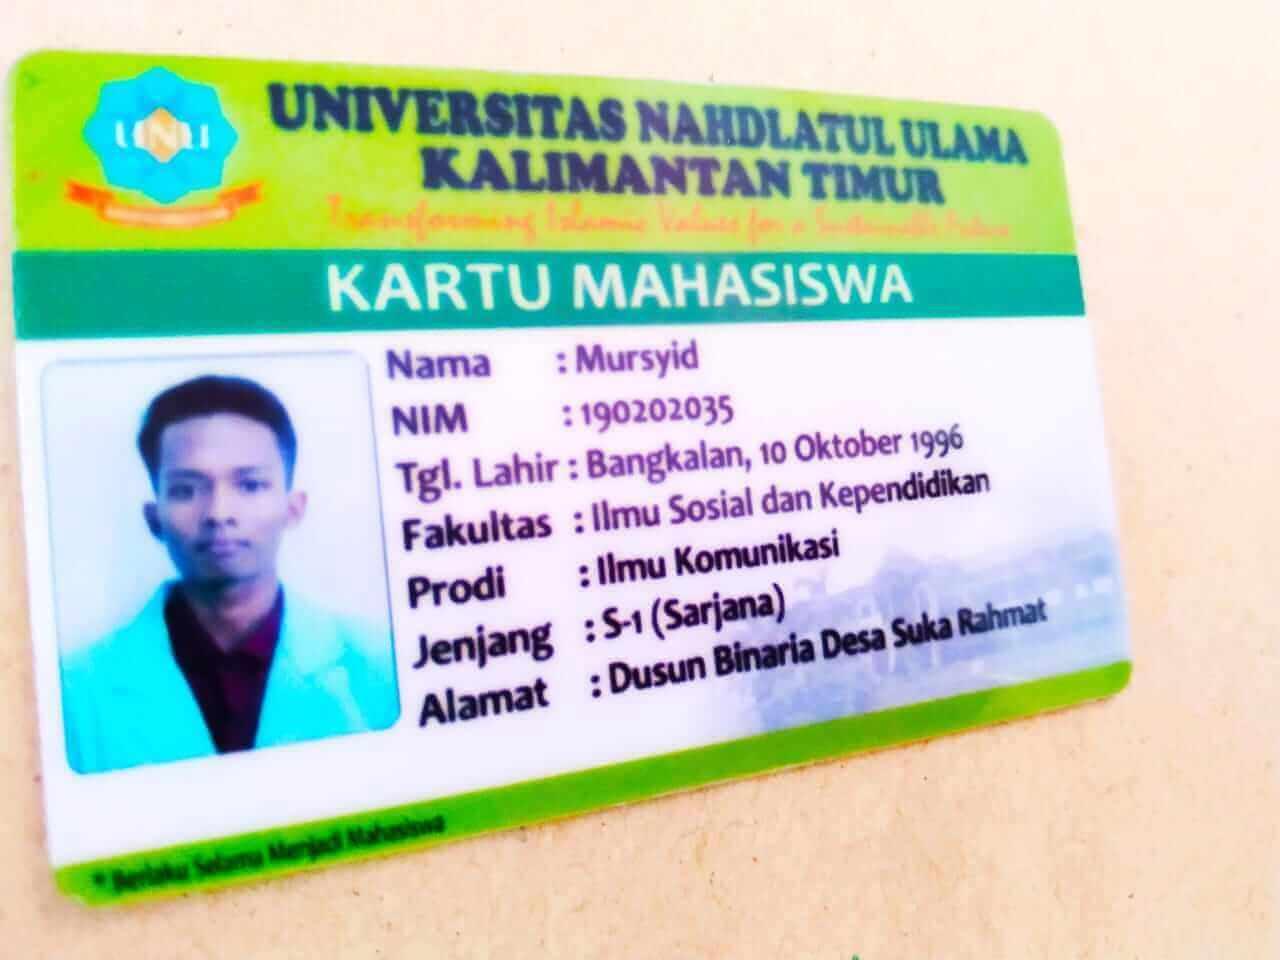 Beasiswa Tak Kunjung Cair, Mahasiswa UNU dari Kutim Resah - headlinekaltim.co